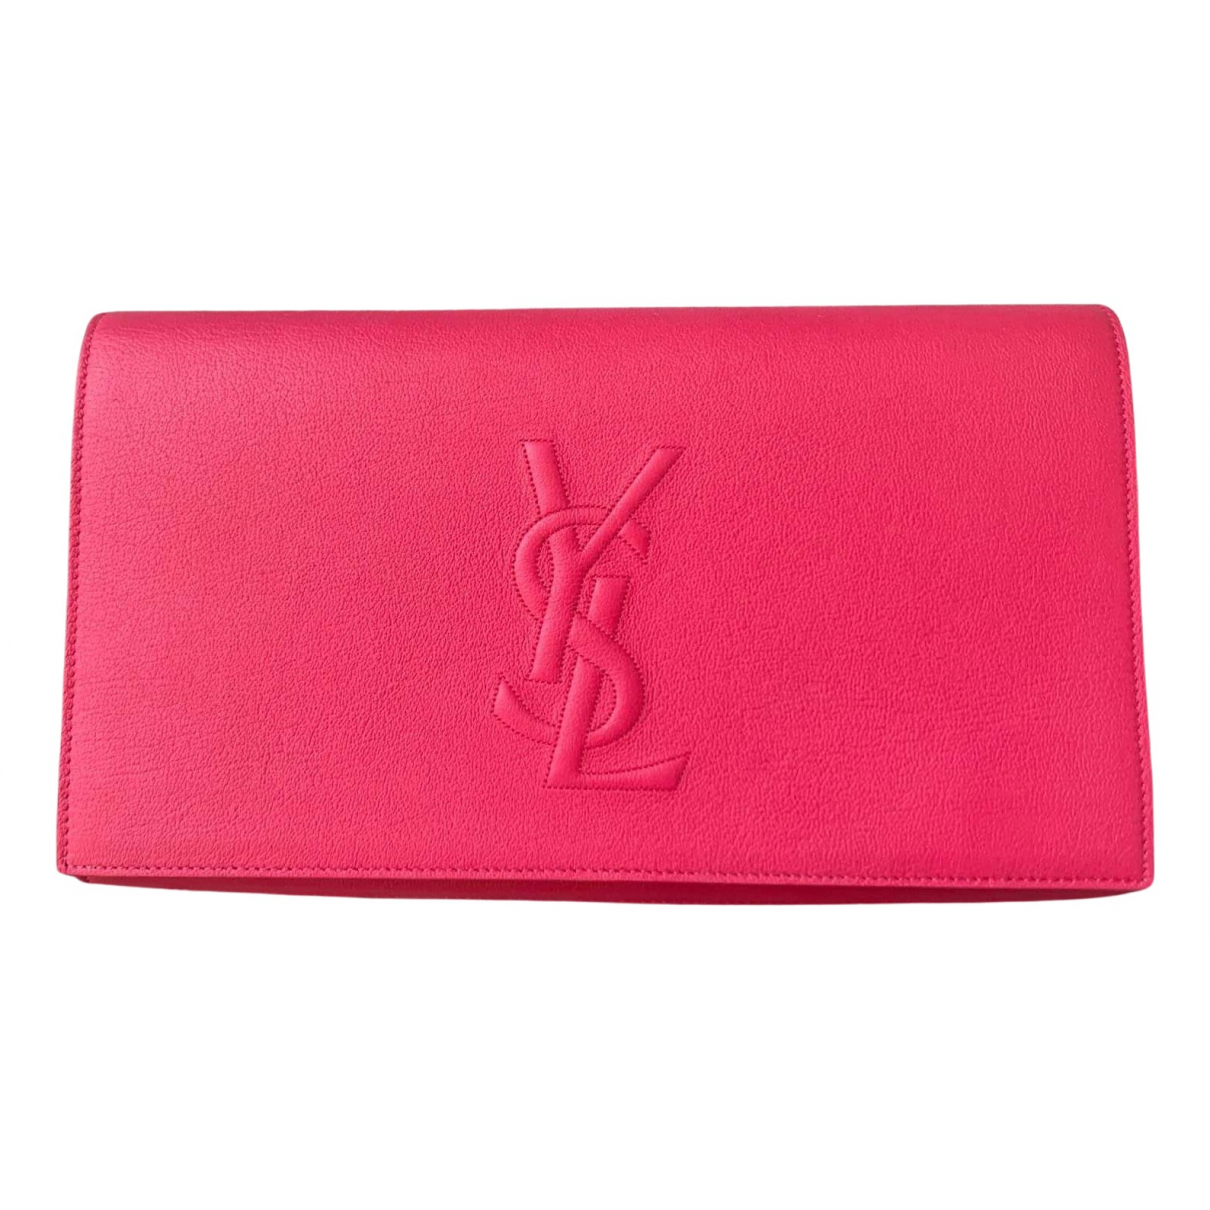 Yves Saint Laurent Belle de Jour Pink Leather Clutch bag for Women N